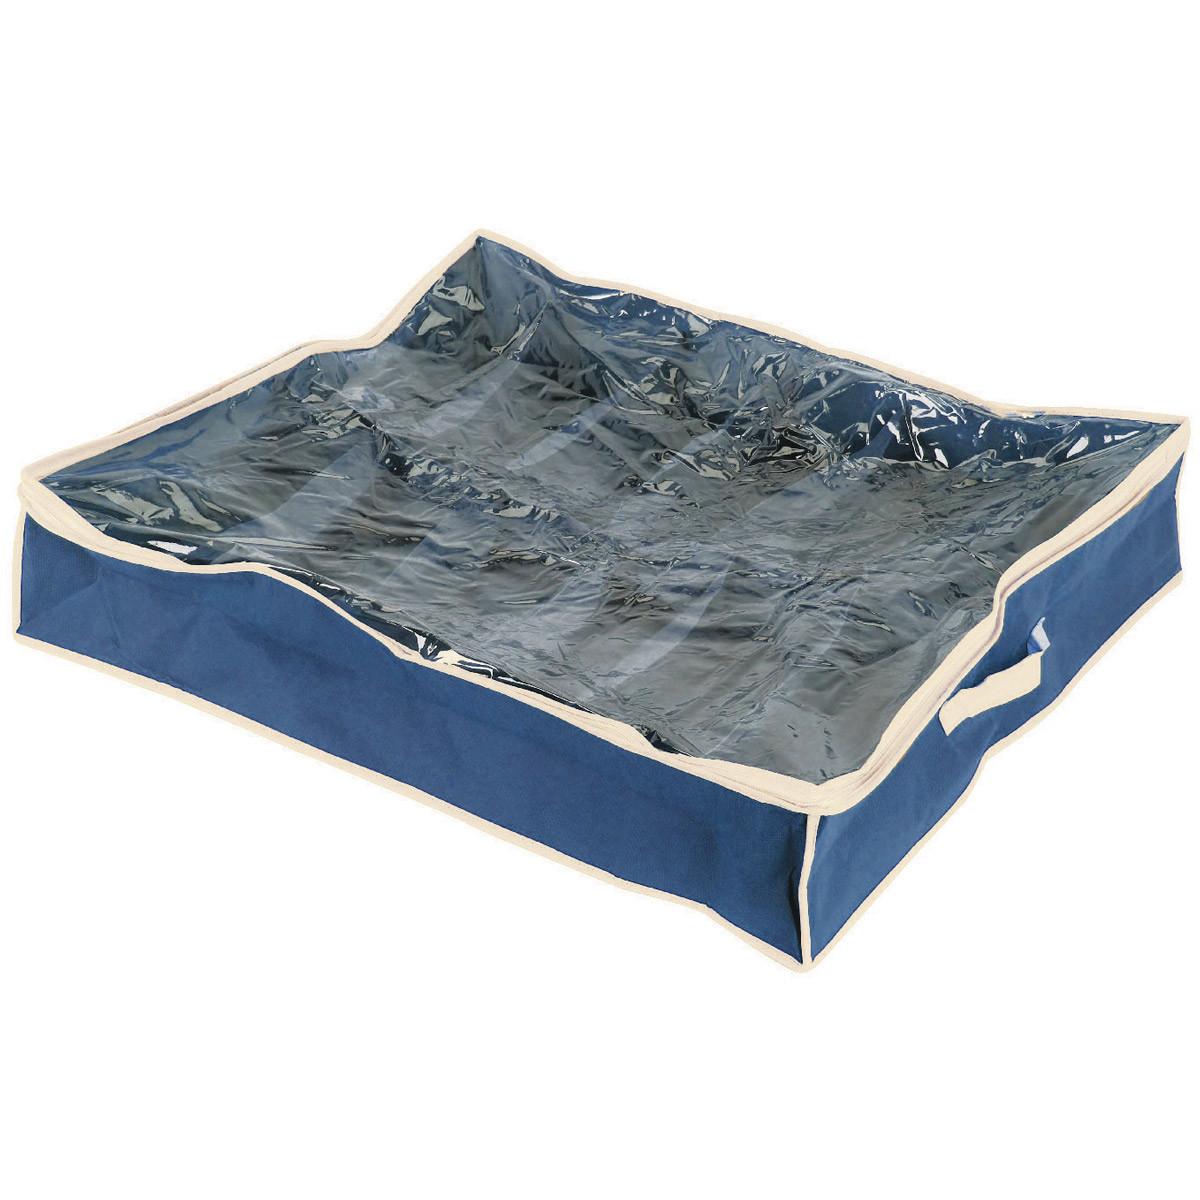 Θήκη Φύλαξης Παπουτσιών (76x60x15) εstia 03-5306 Blue home   κρεβατοκάμαρα   οργάνωση ντουλάπας